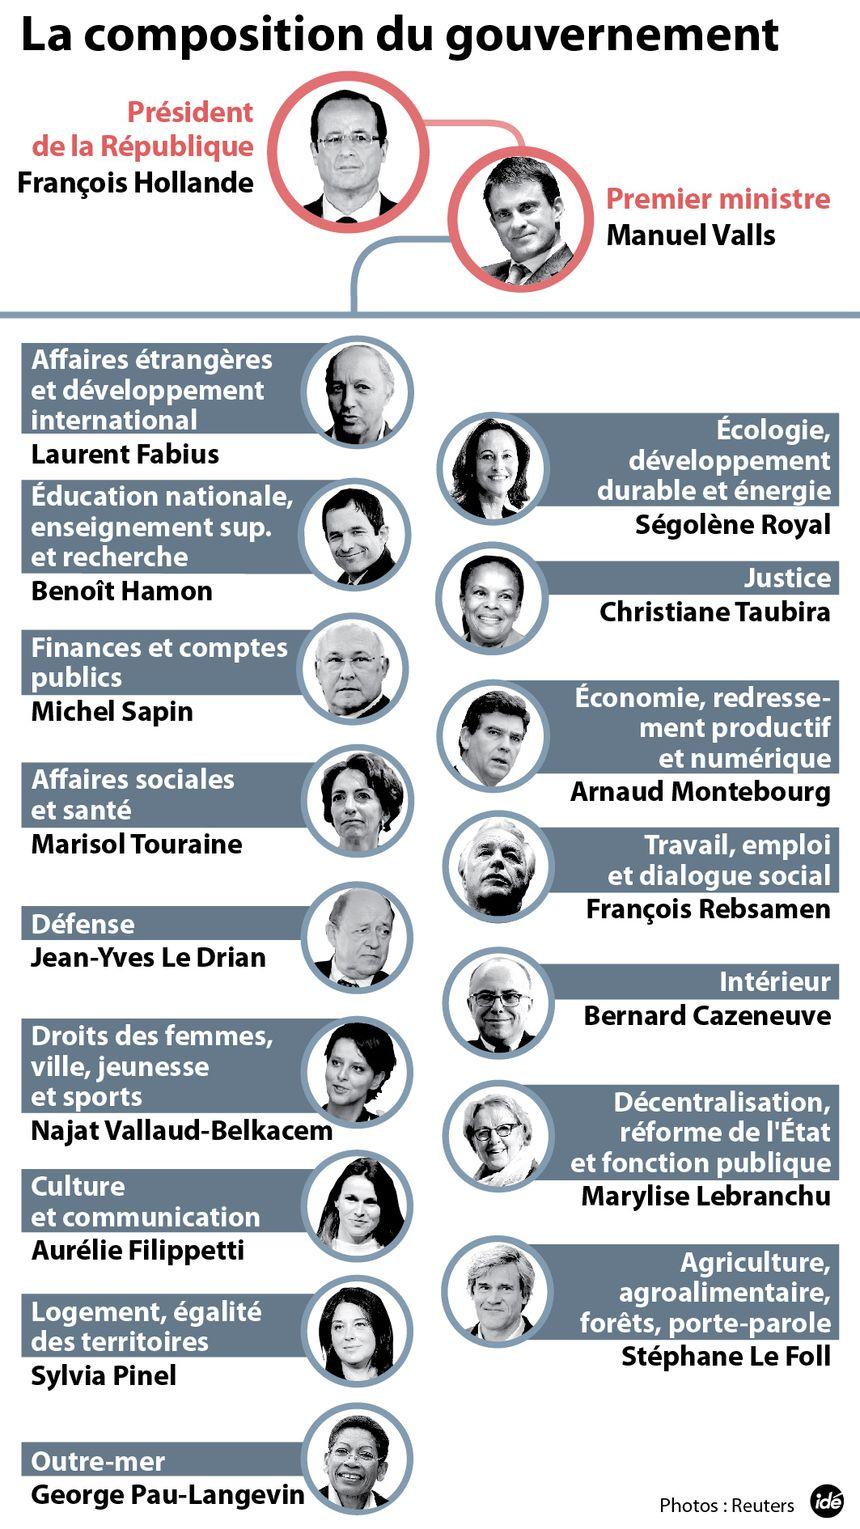 Le gouvernement Valls - IDÉ